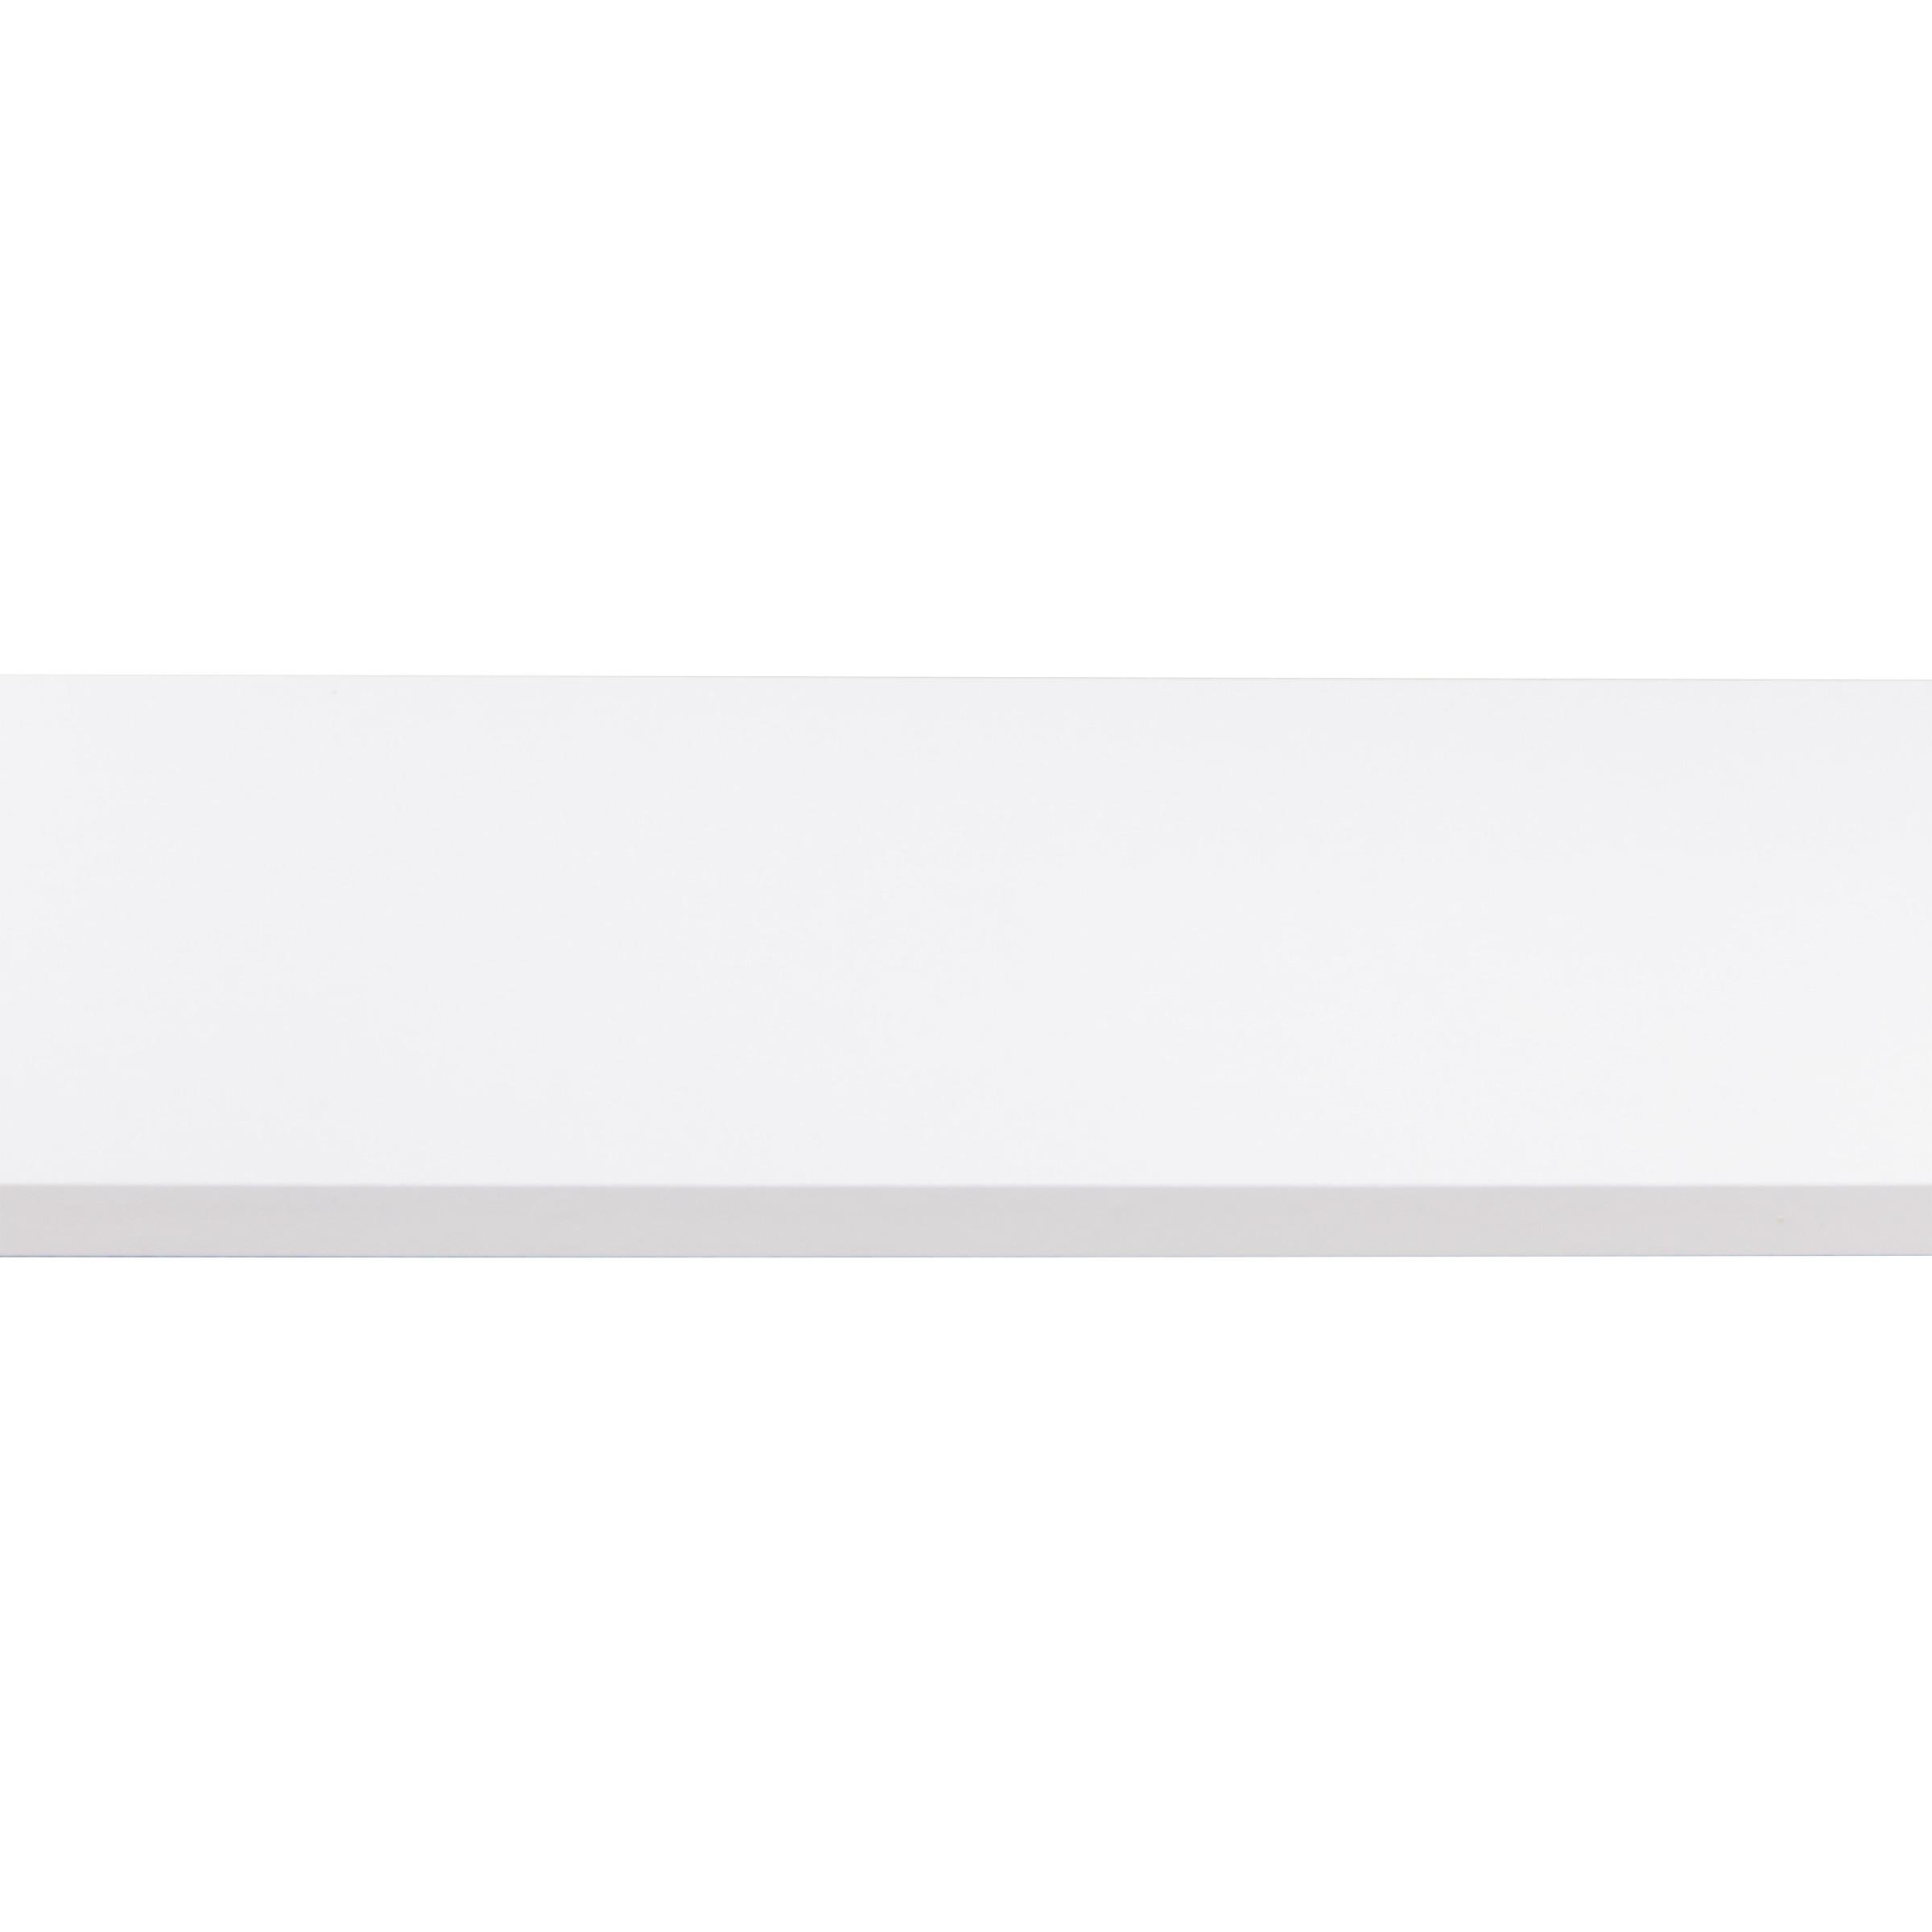 Meubelpaneel wit 250x25 cm 18 mm meubelpanelen meubel for Karwei meubelpaneel